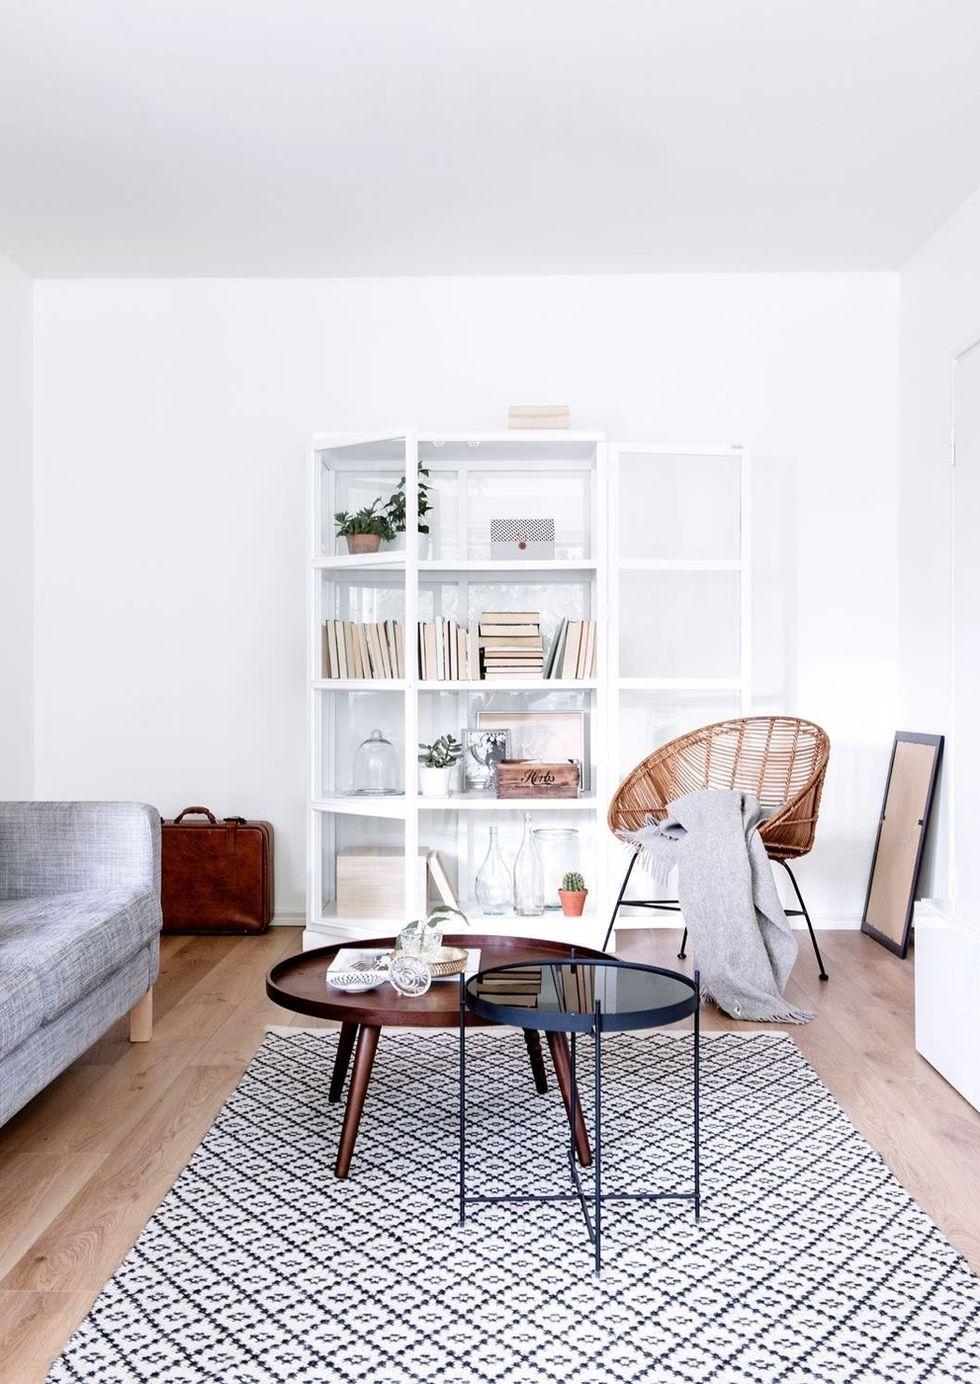 kaunis koti myynnissä - lainahöyhenissä   Lily.fi